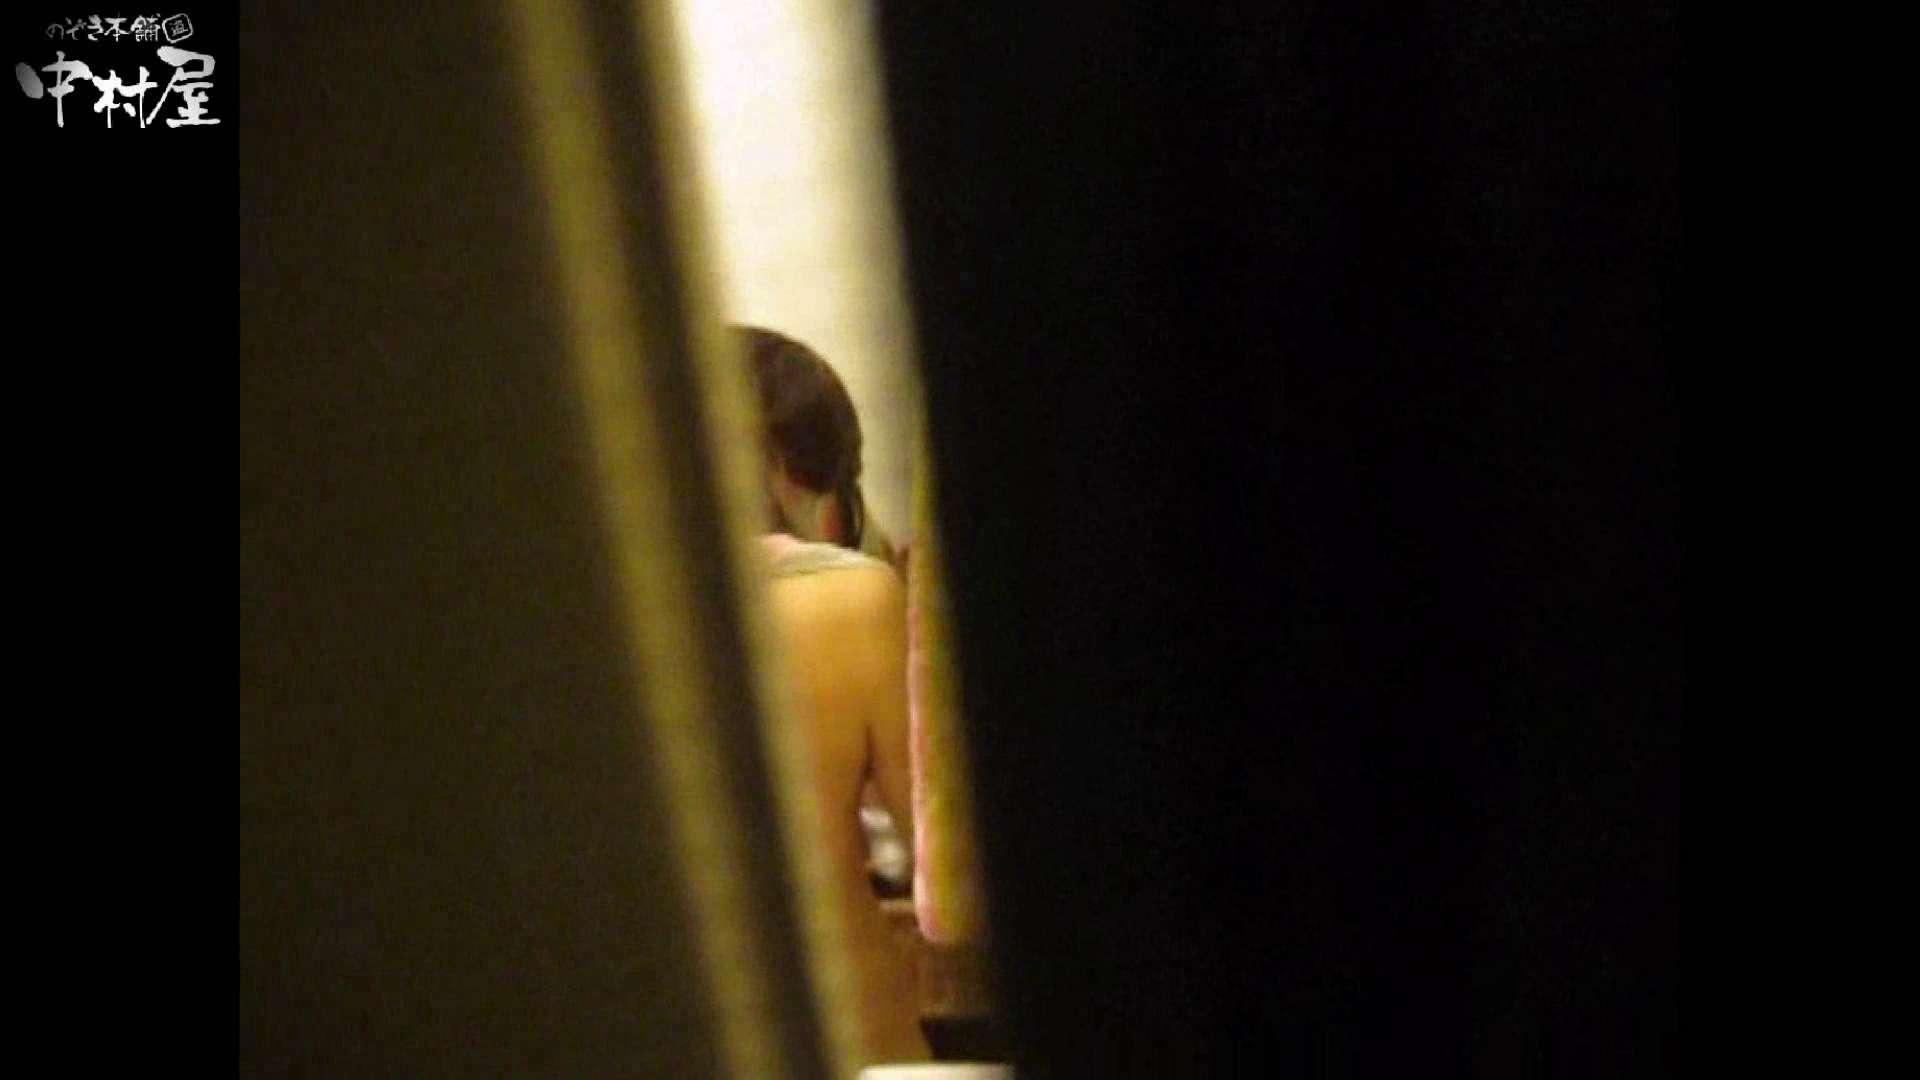 民家風呂専門盗撮師の超危険映像 vol.015 股間 のぞき動画キャプチャ 99PIX 12